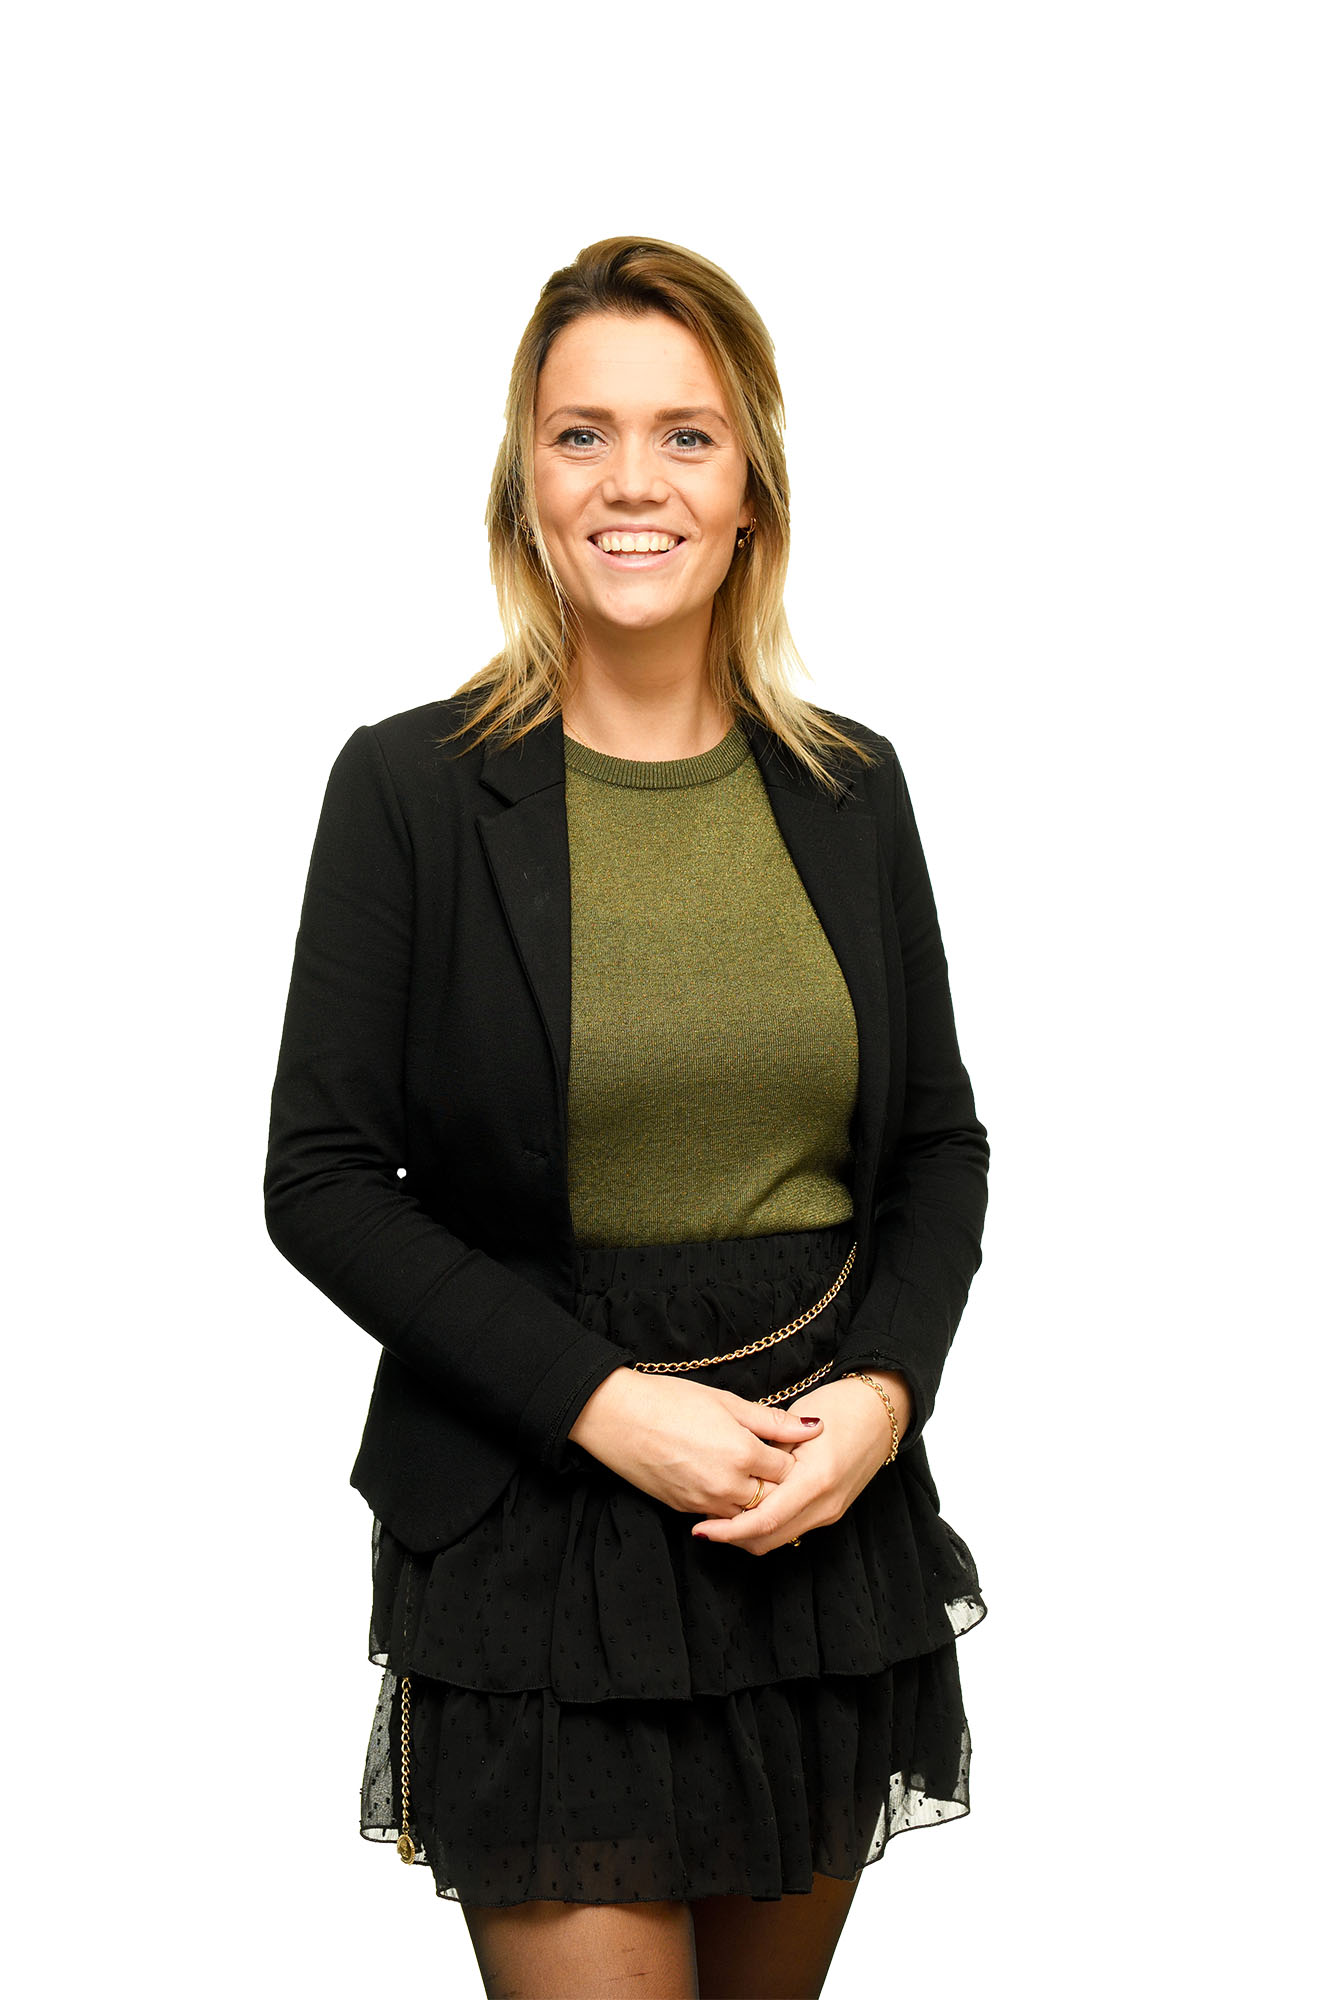 Portretfoto van Lisa Kleijer, medewerkster van EuFlex